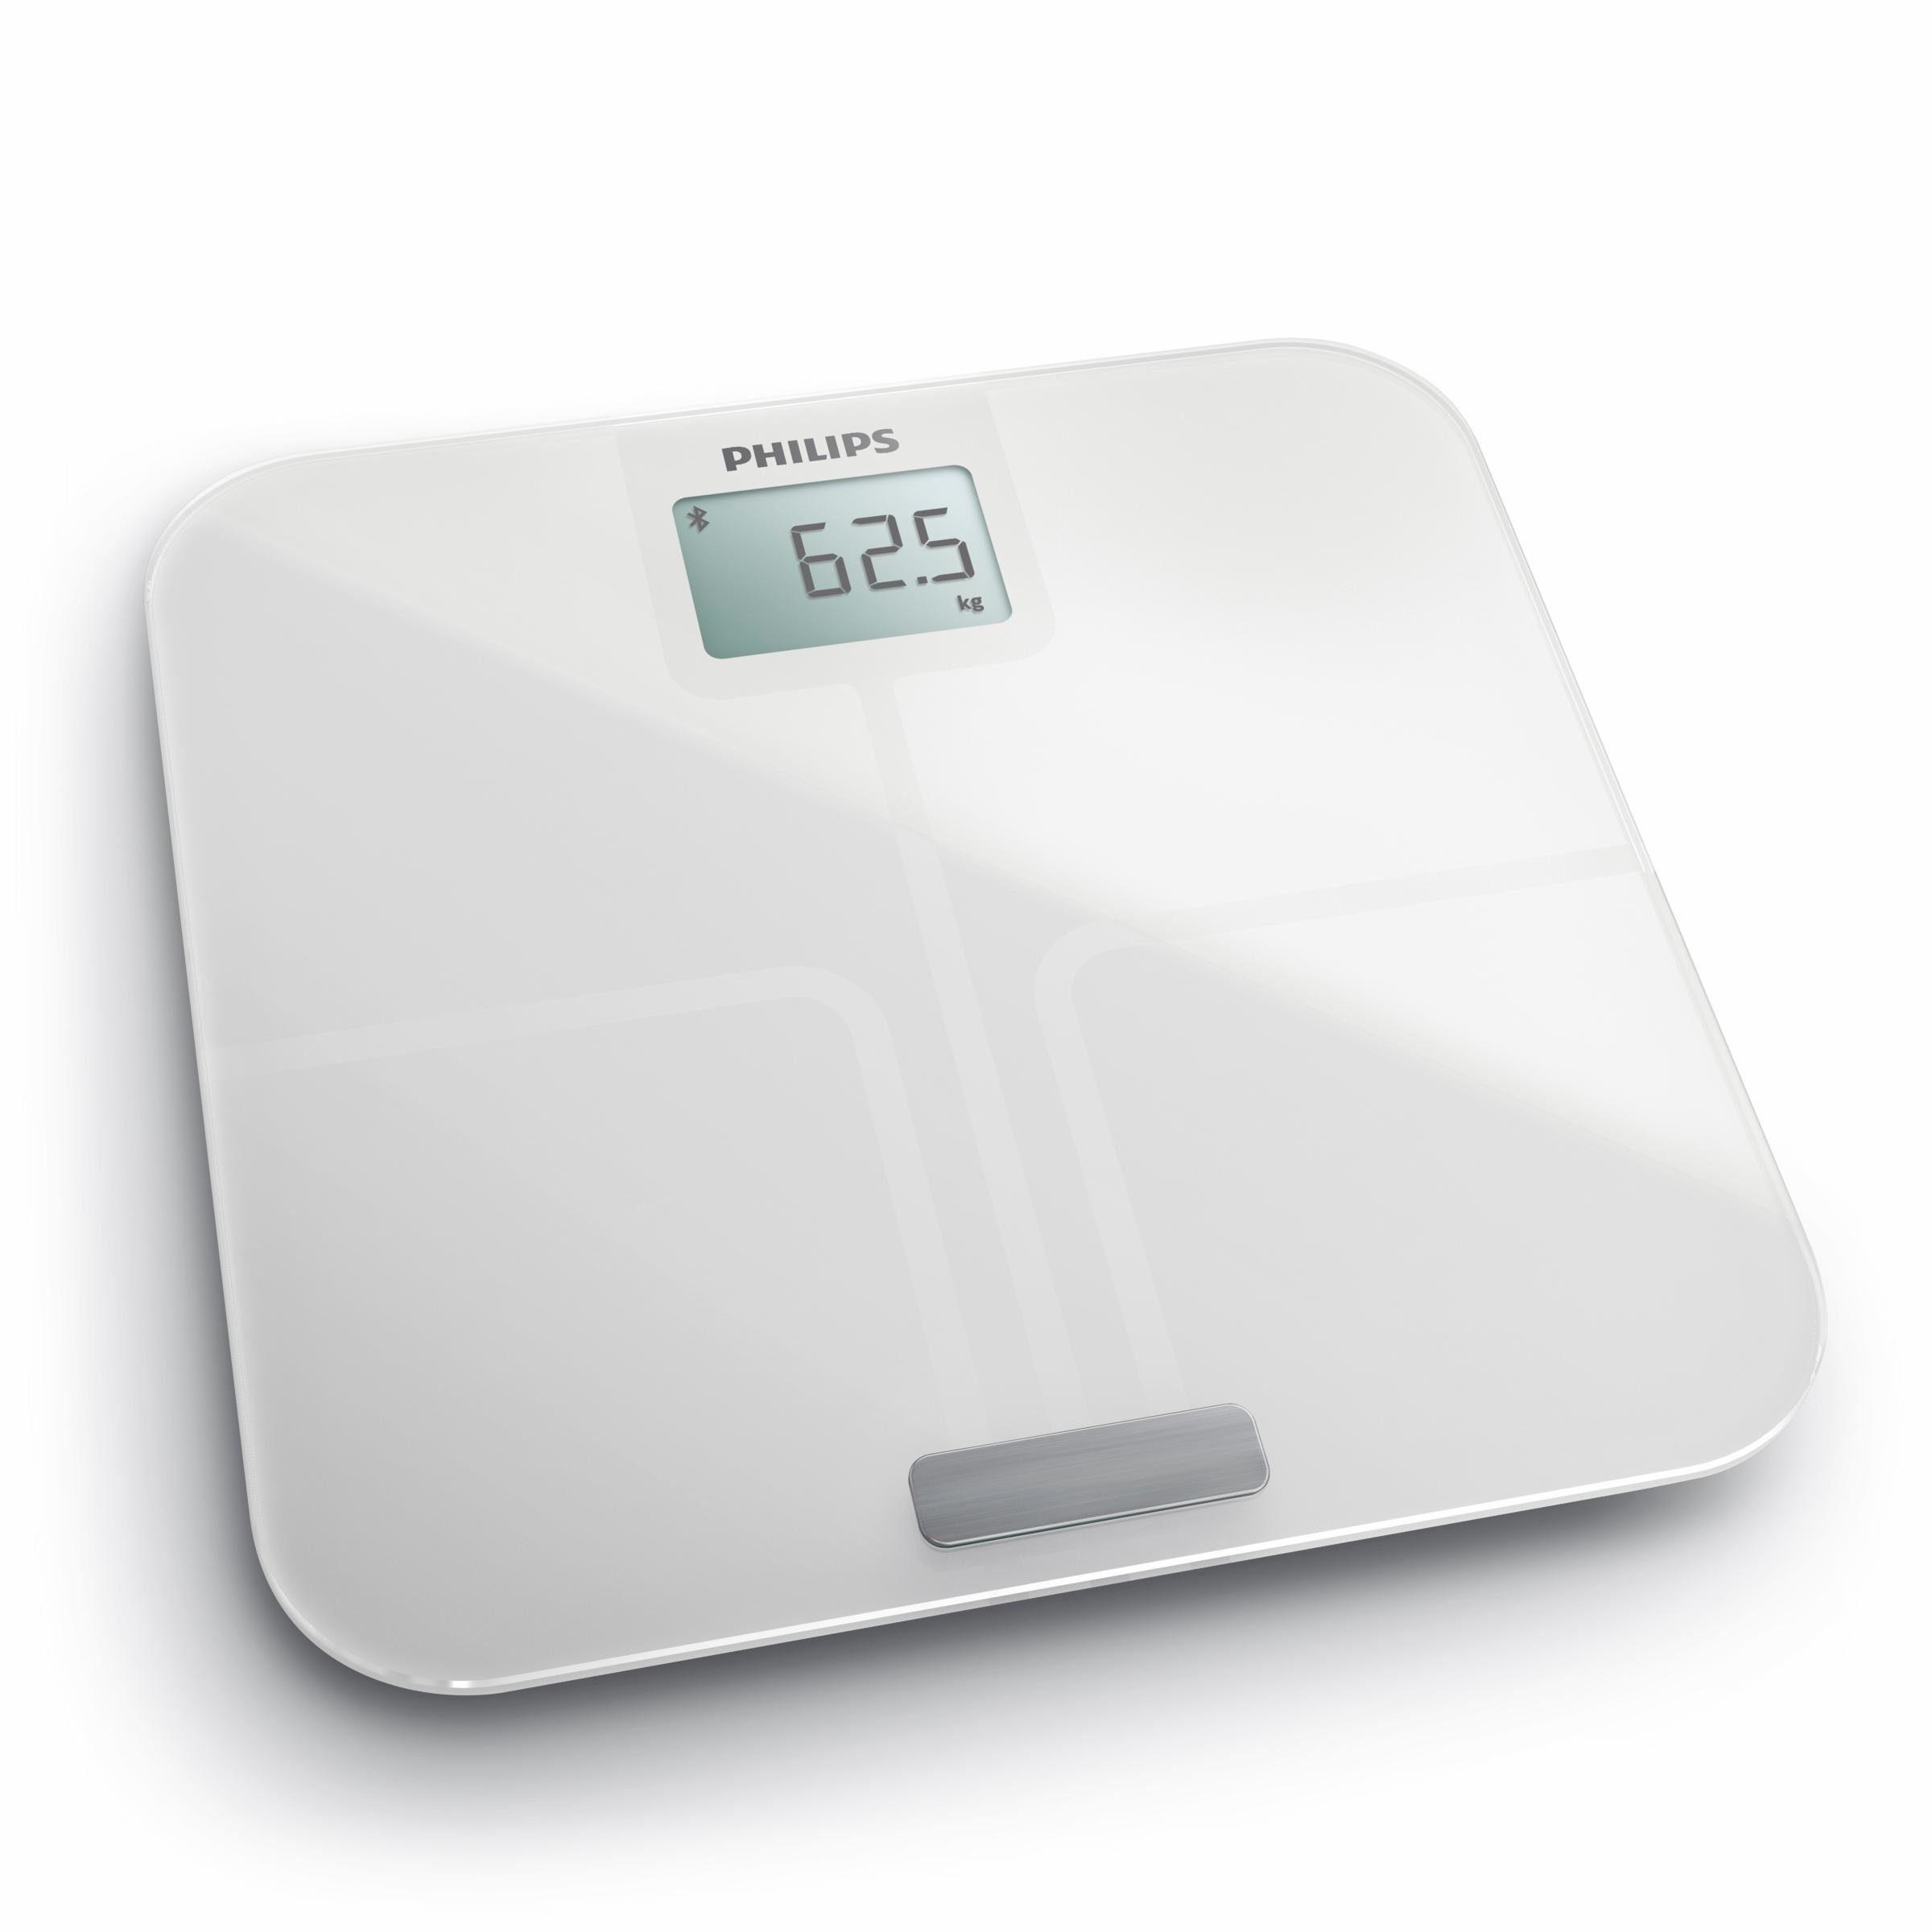 Philips Körperanalyse-Waage DL8781/01, mit App-Anbindung, weiß